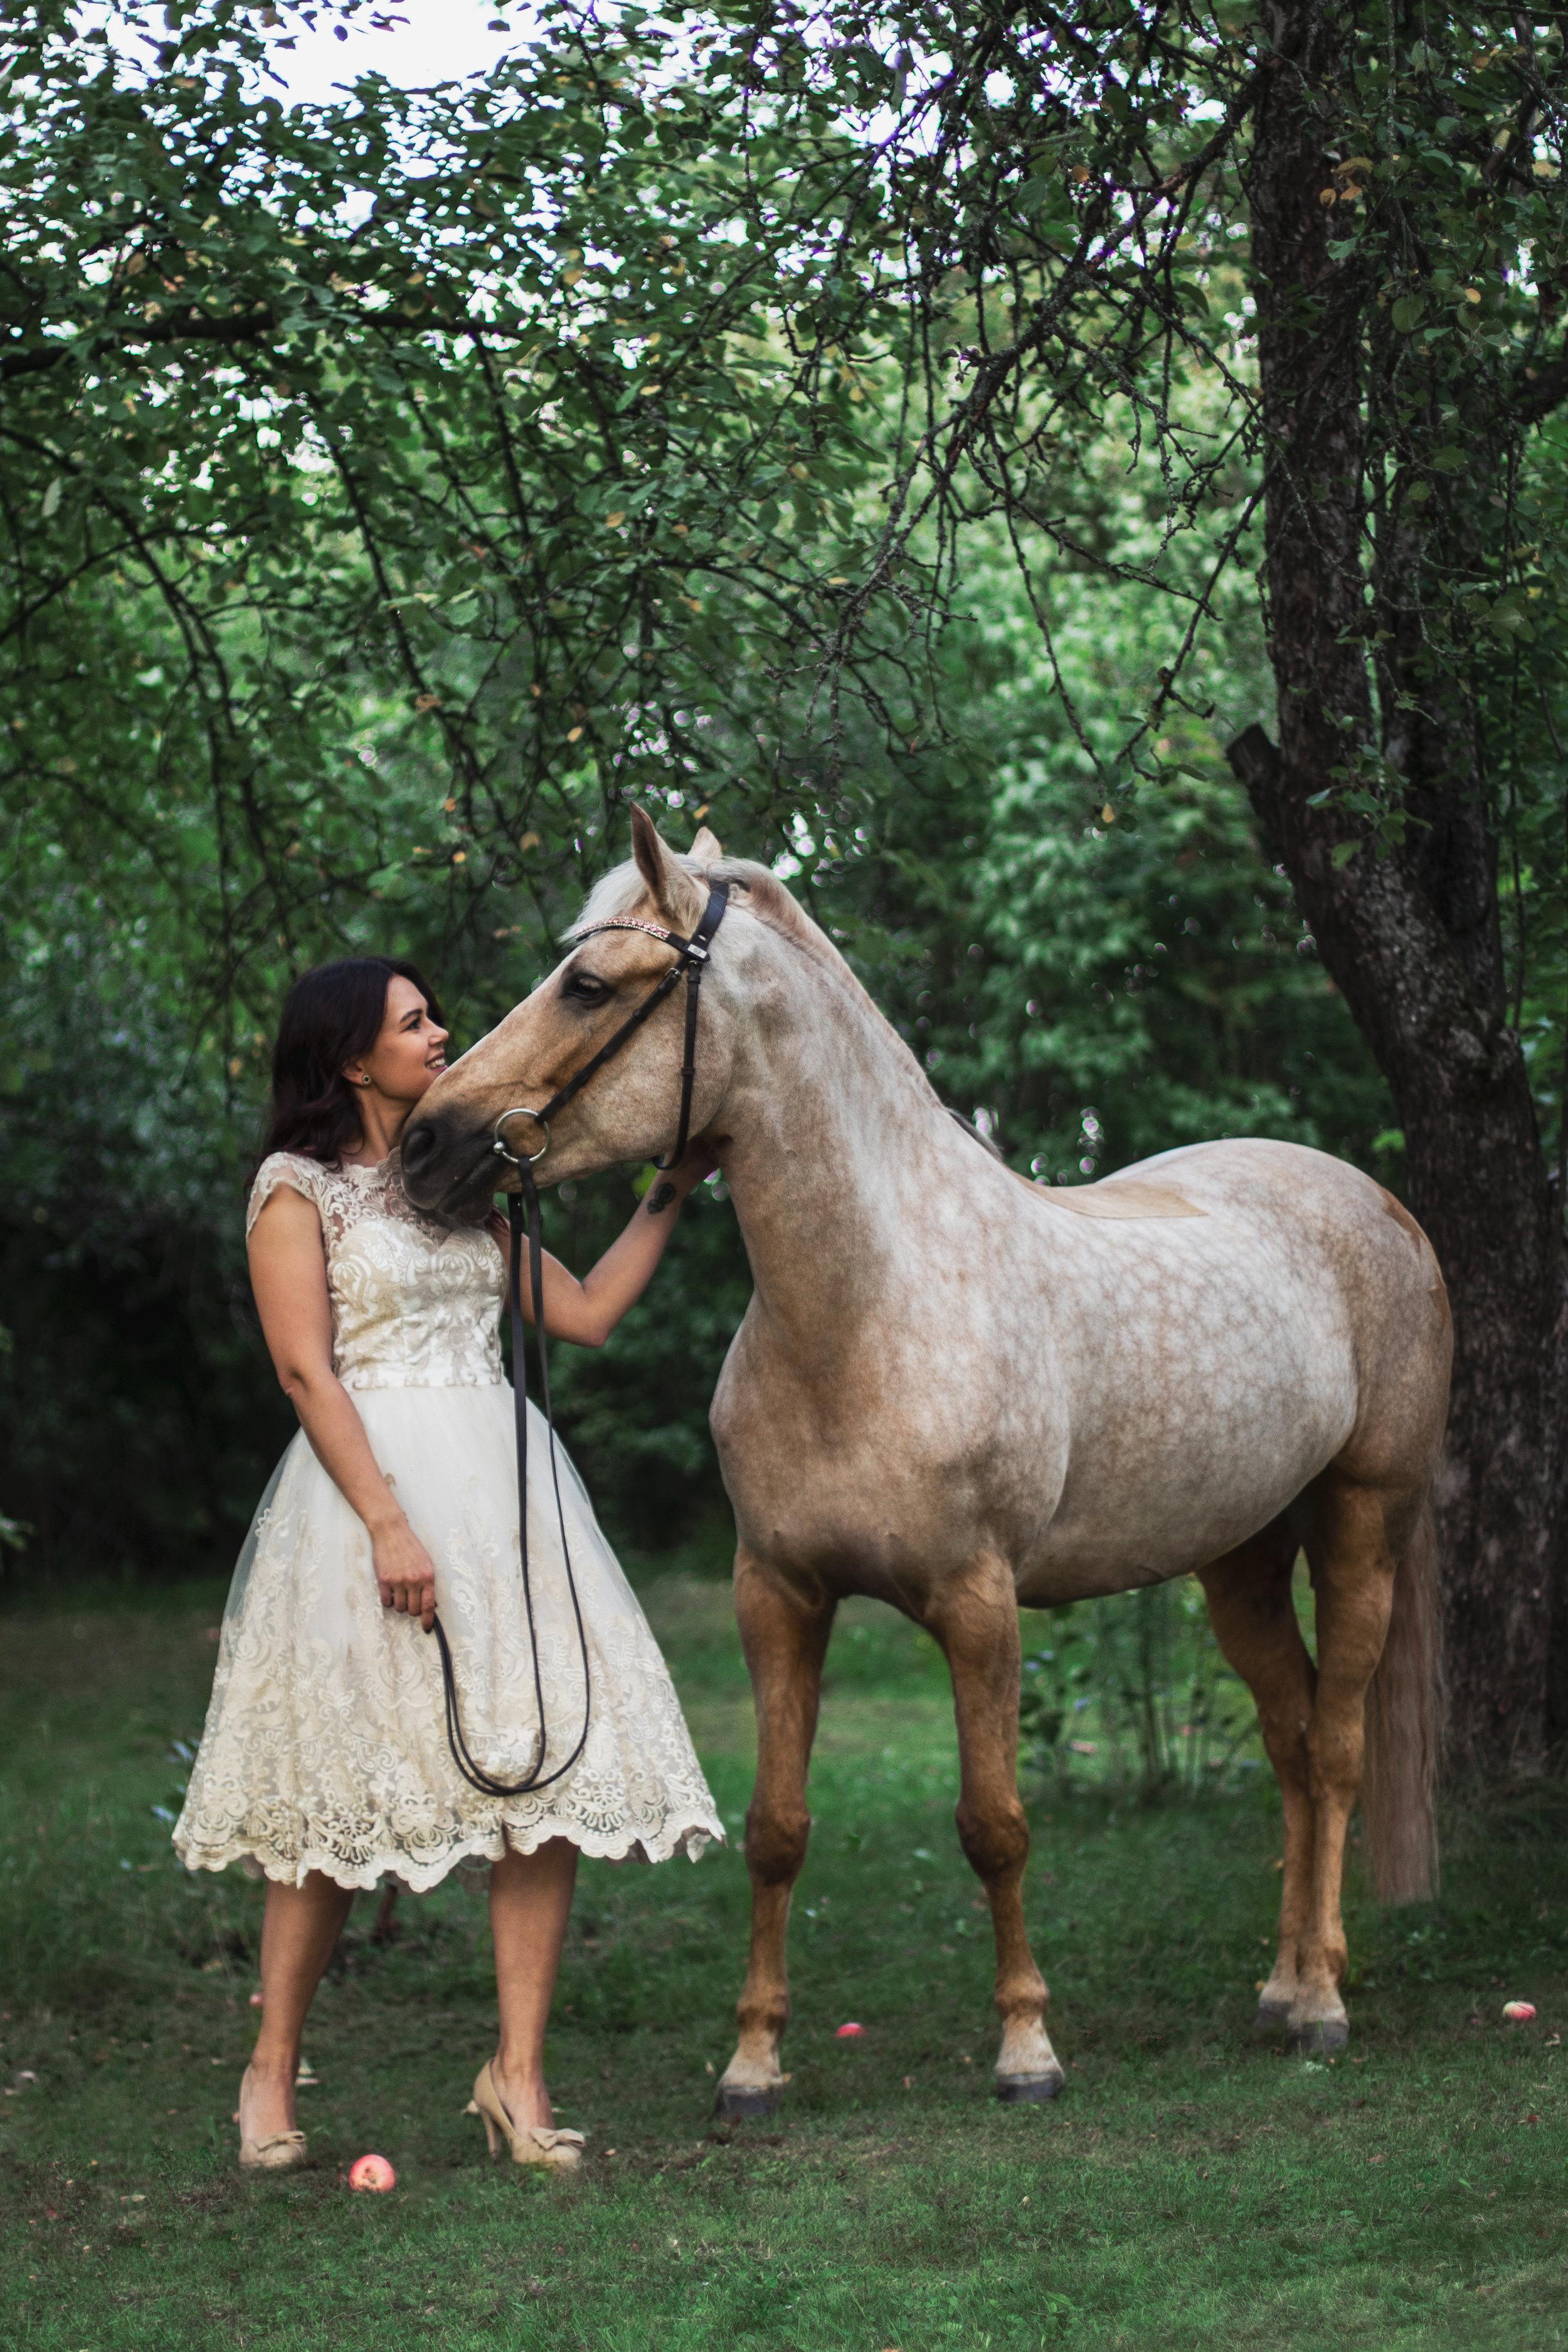 The princess and her horse - Muotokuva lemmikkisi kanssa. Viihtyisä ja mukava valokuvaus josta jää upea muisto. Otamme sekä tavallisia muotokuvia että enemmän dokumentaarisia kuvia, riippuen siitä minkälaisia kuvia haluat sekä mikä sopii teille parhaiten. Sopii kaikille eläintenomistajille. 10 kuvaa sisältyy hintaan, lisää voi ostaa.150€